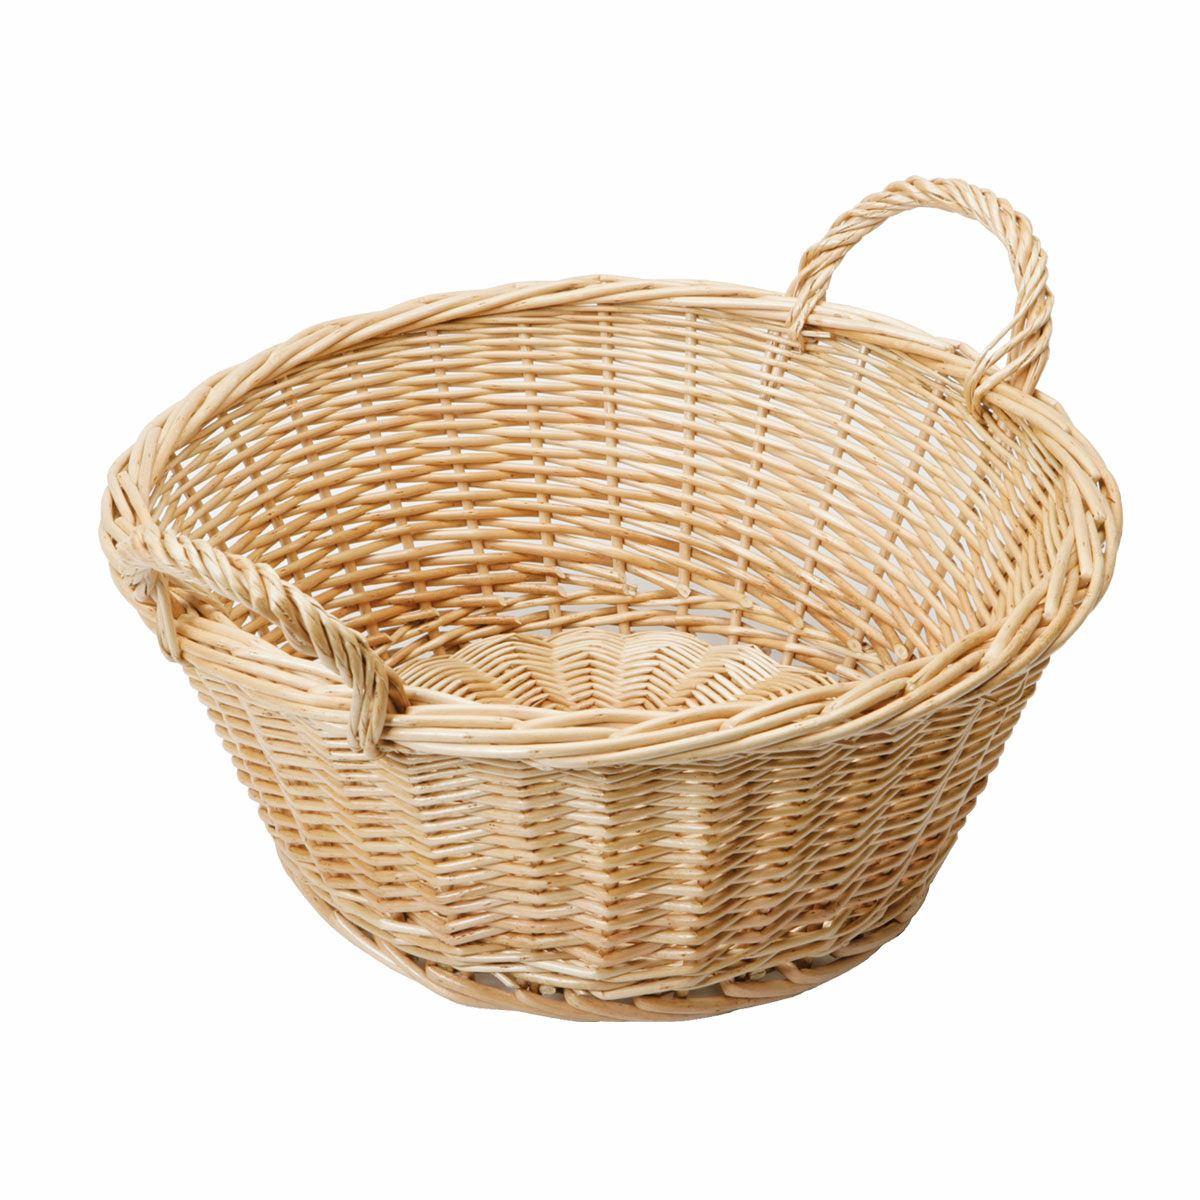 Wicker Basket PNG - 53668